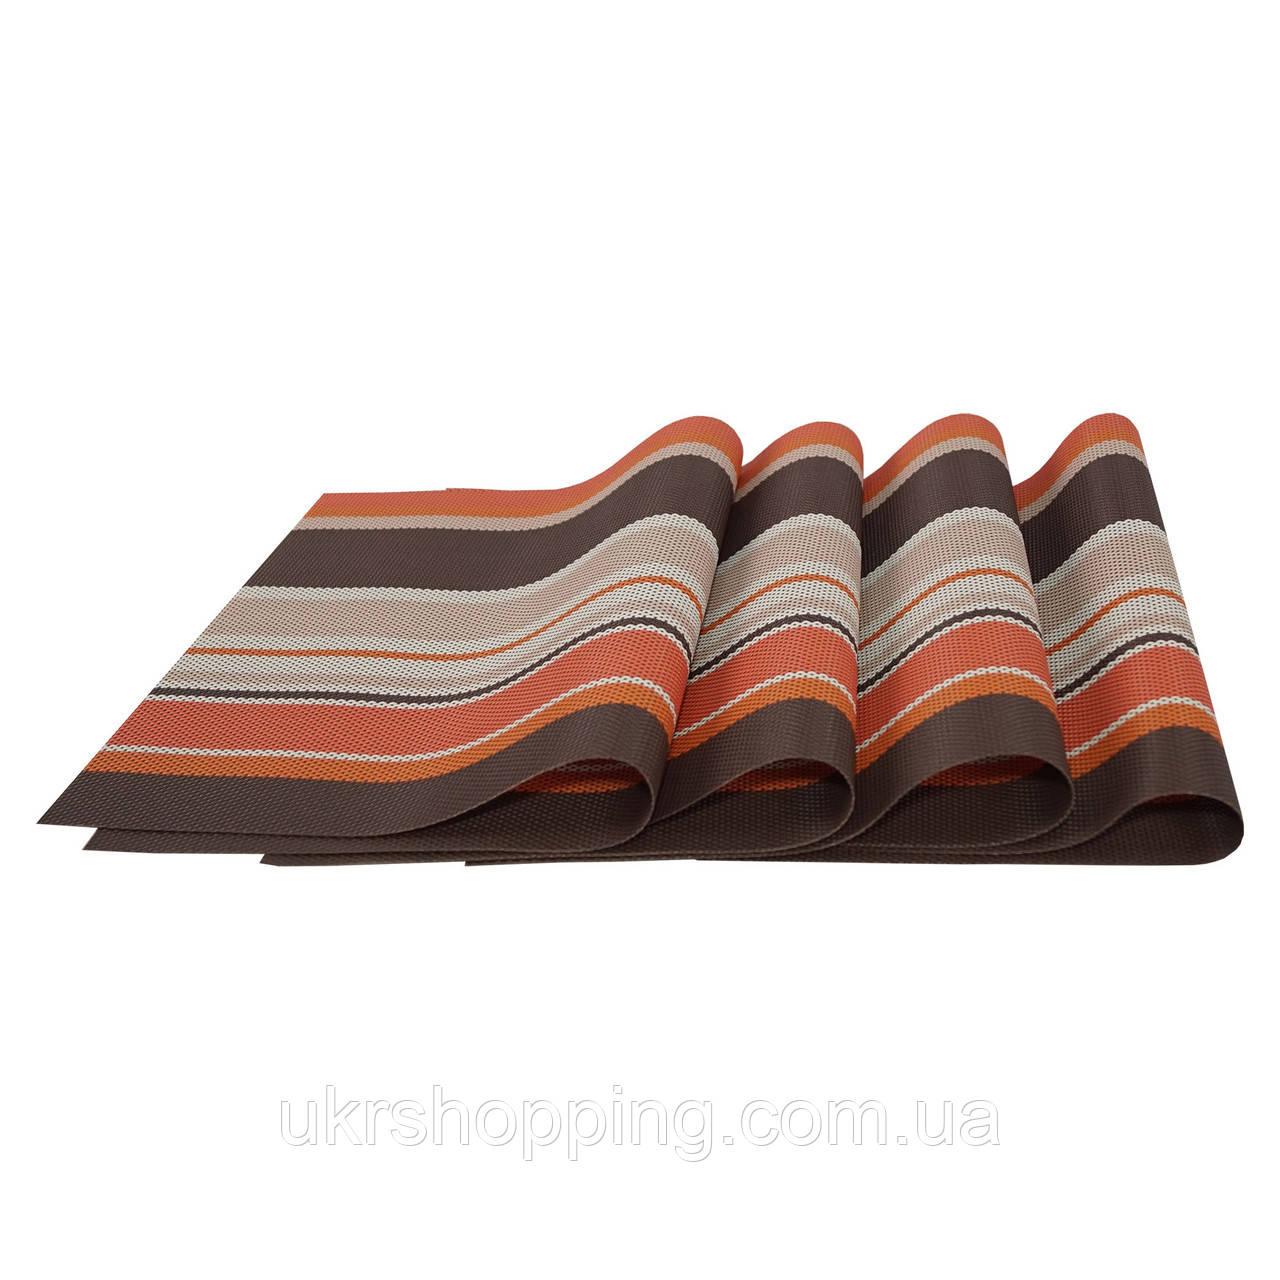 Сервірувальні килимки, декоративні, на стіл, 4 шт. в наборі, колір - коричнево-оранжевий